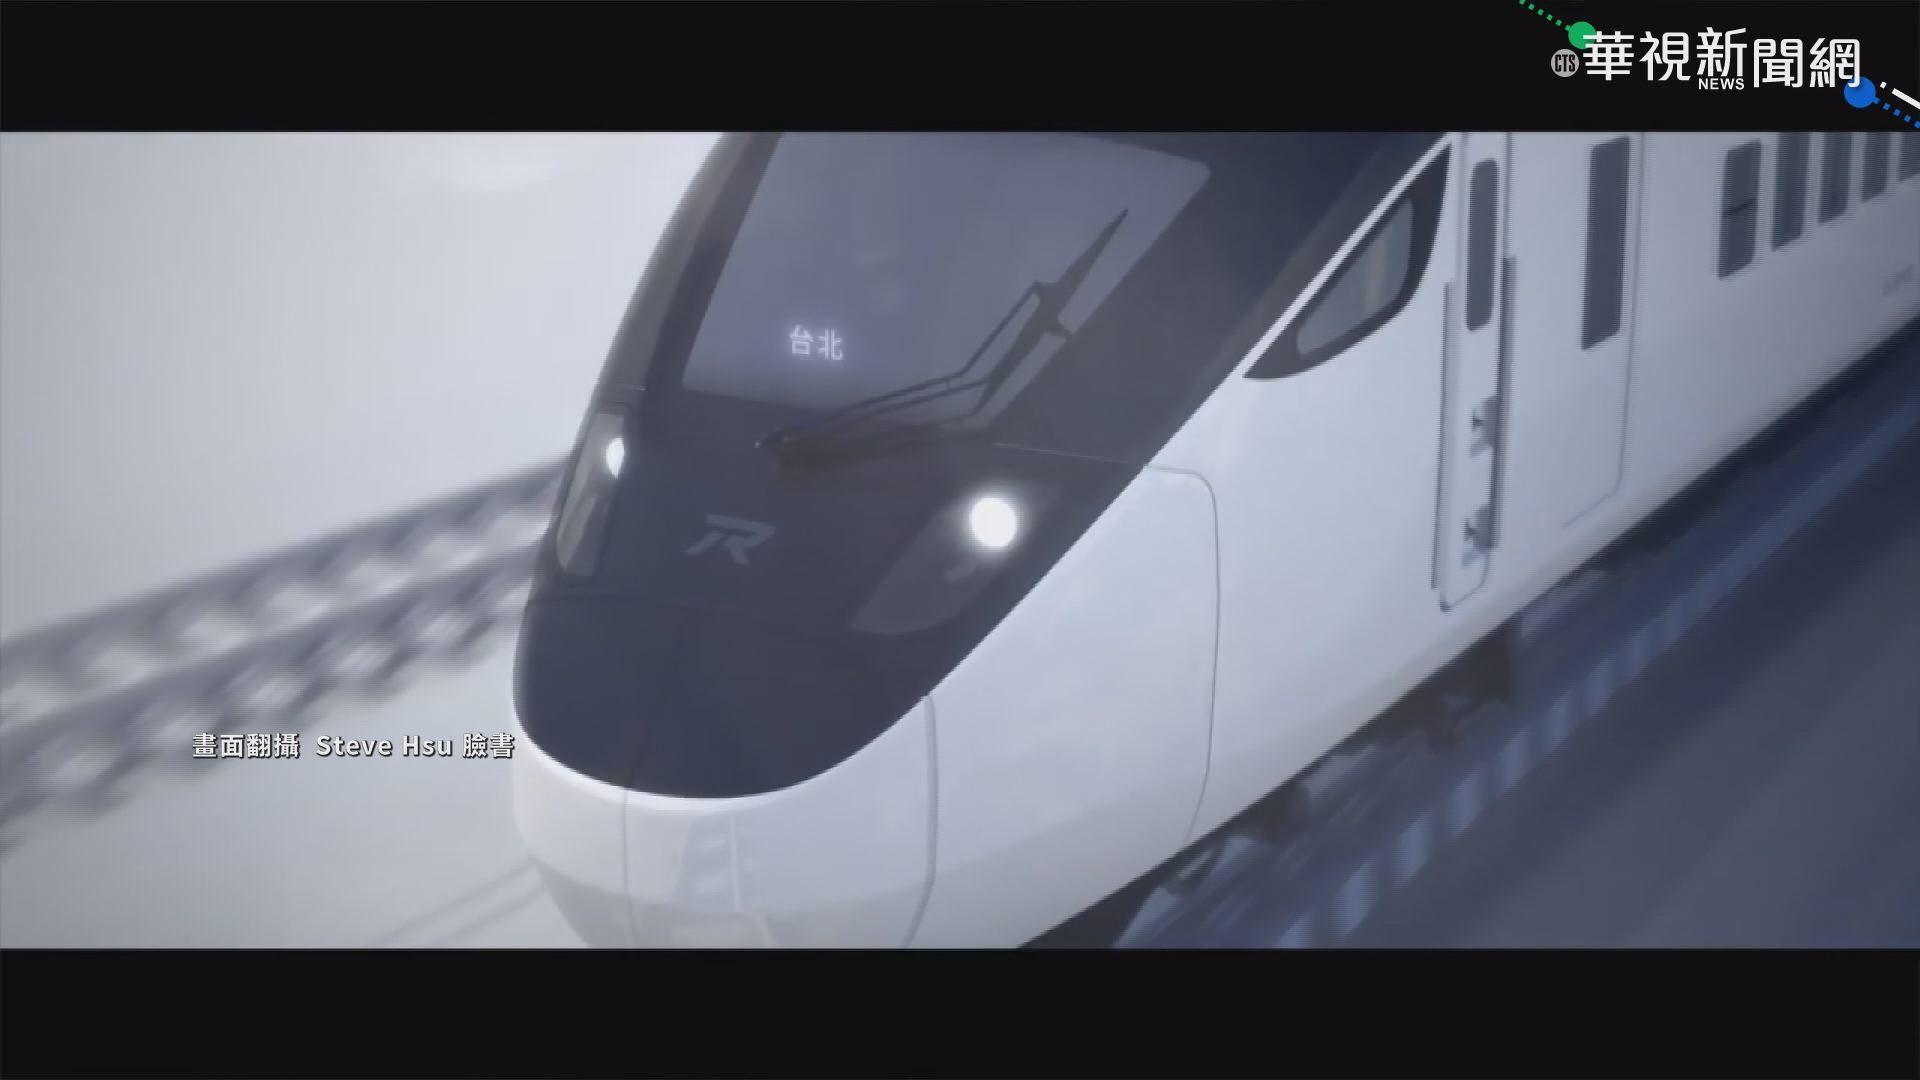 城際列車抵達 花蓮港舉行交車儀式